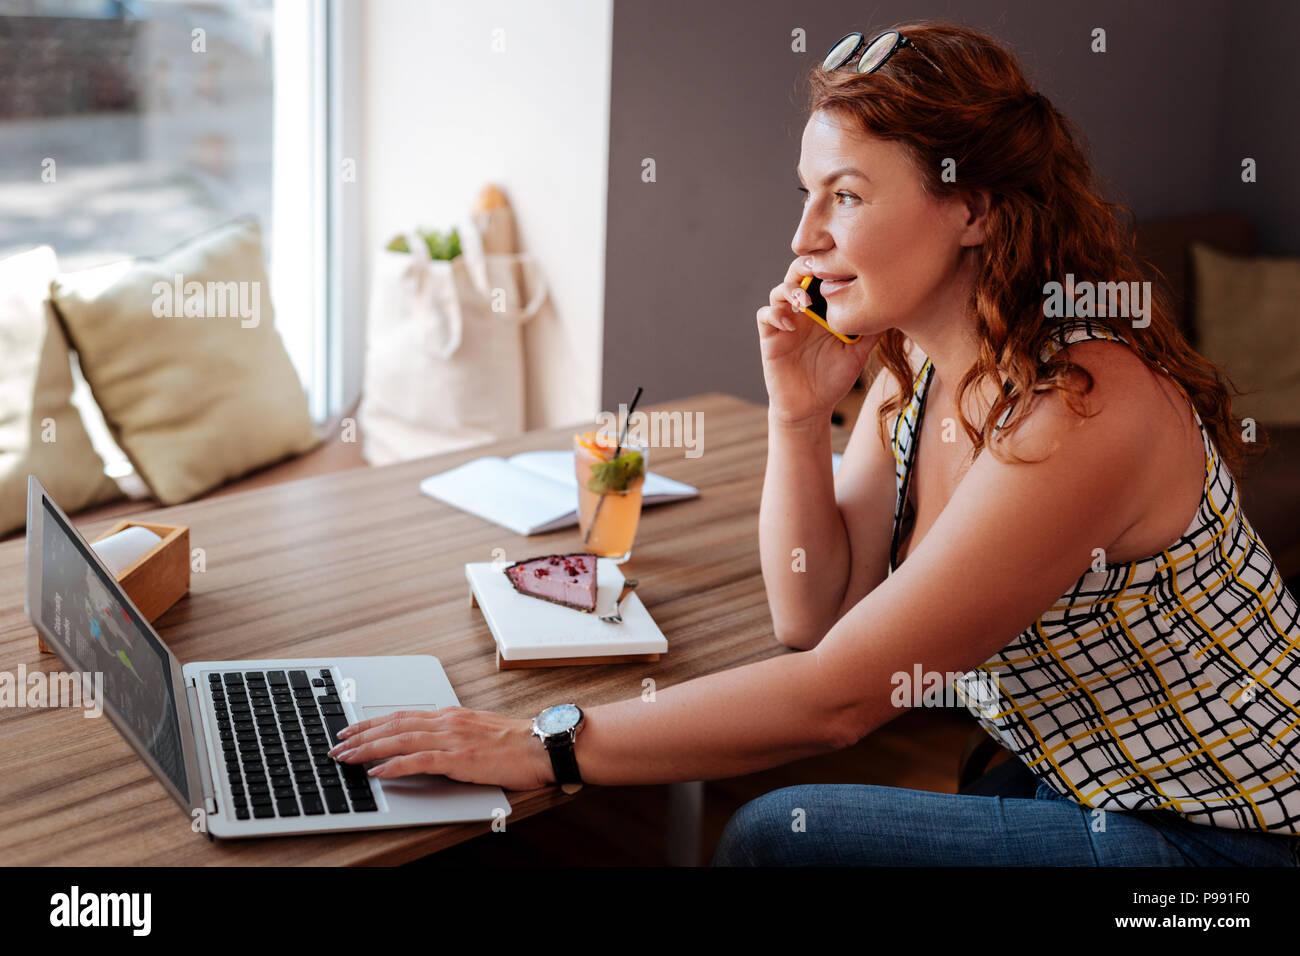 La empresaria ocupada llamando su socio de negocios Imagen De Stock